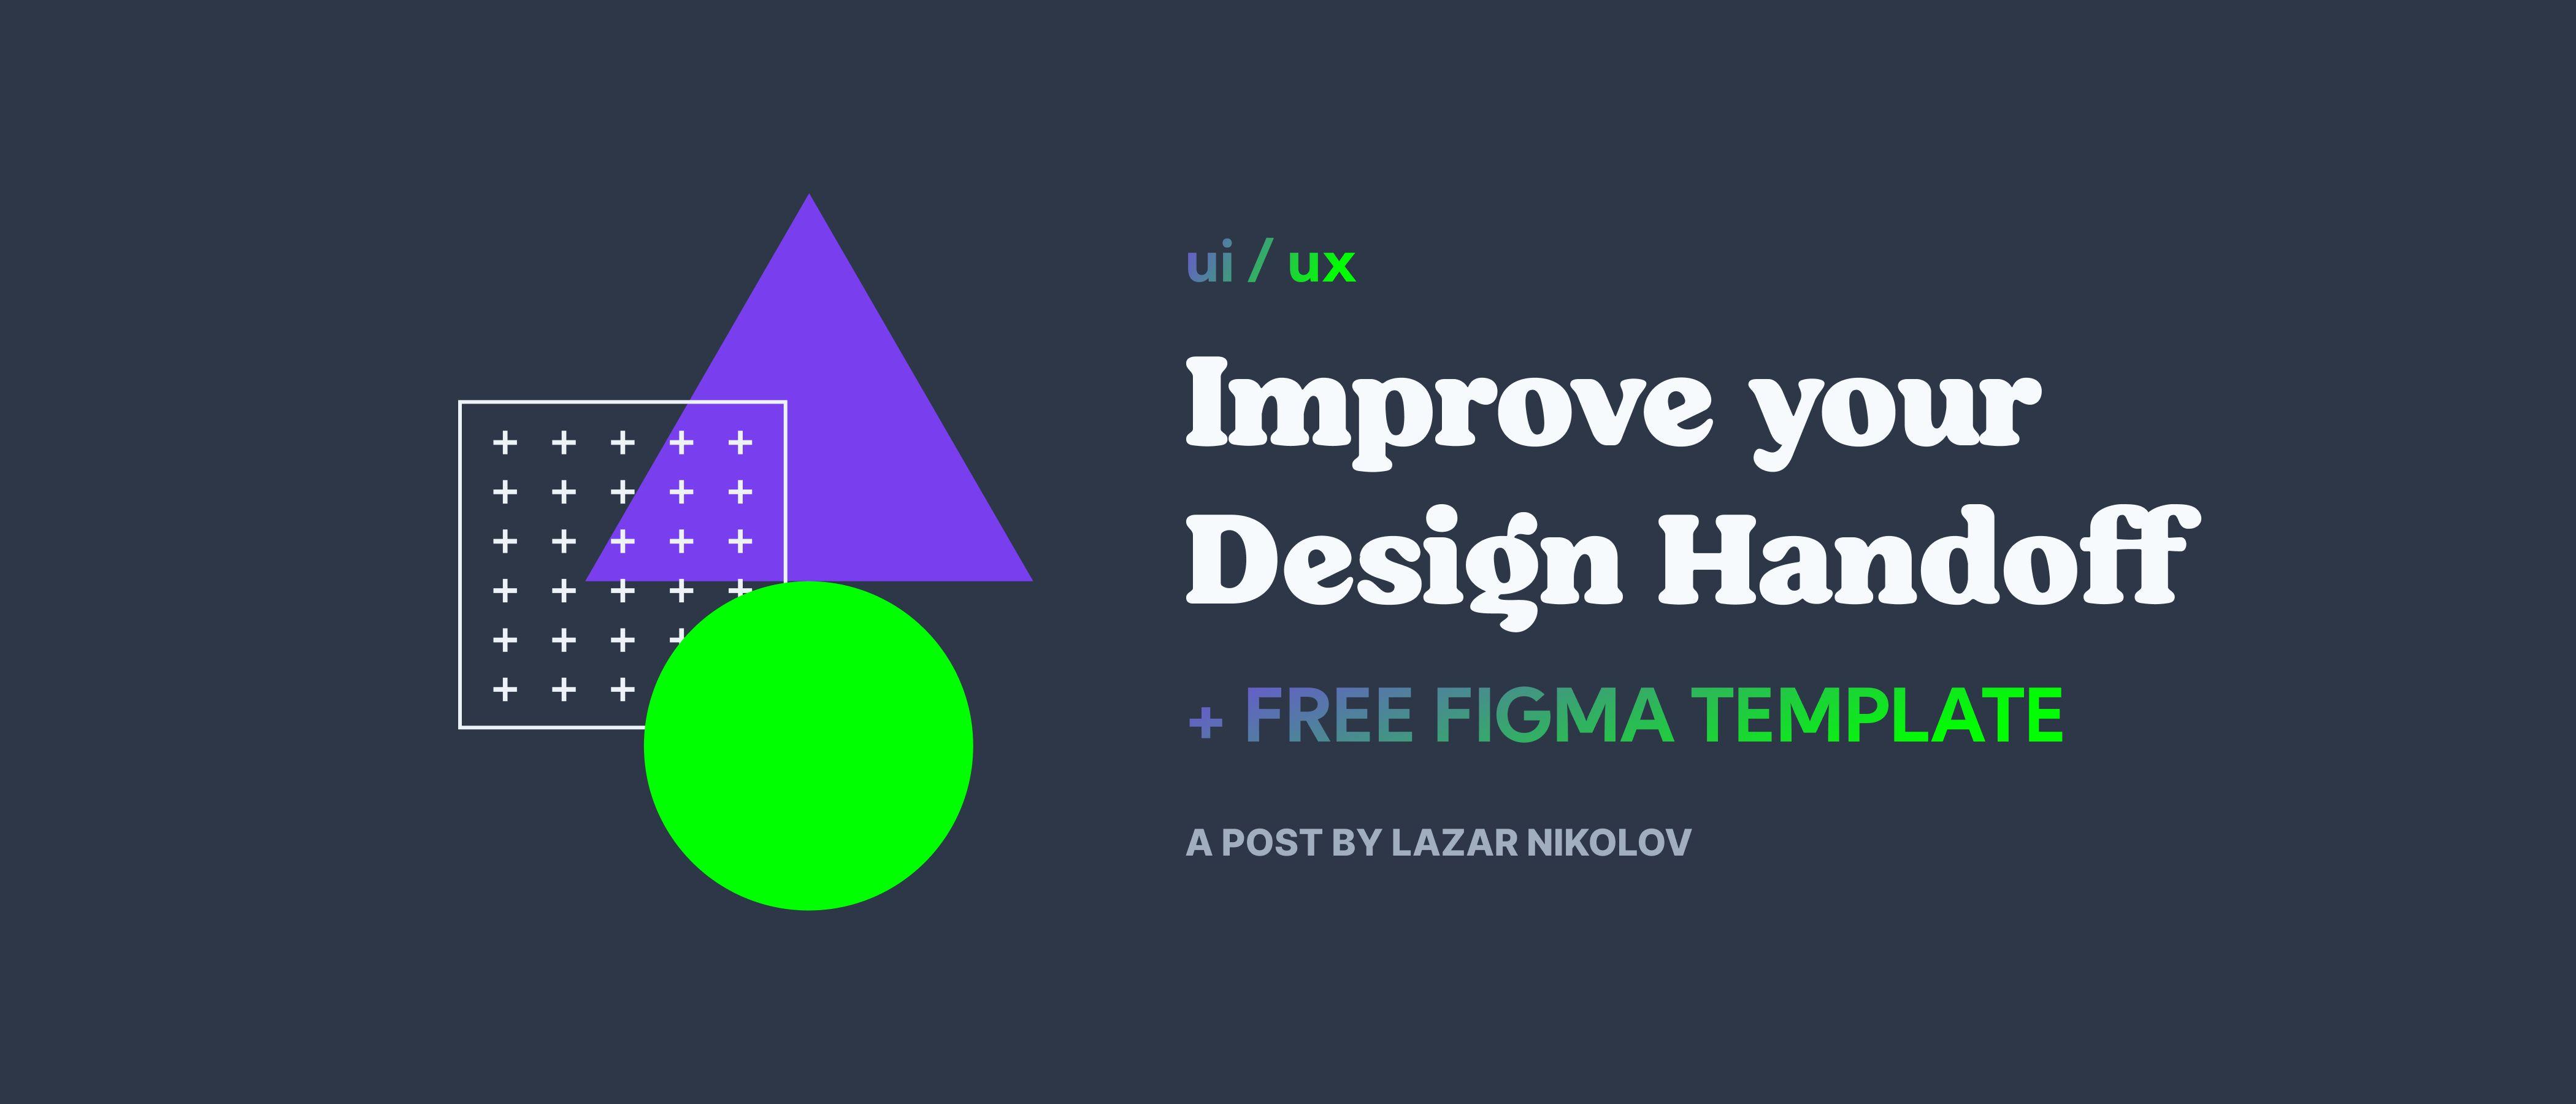 Improving Design Handoffs: A Guide